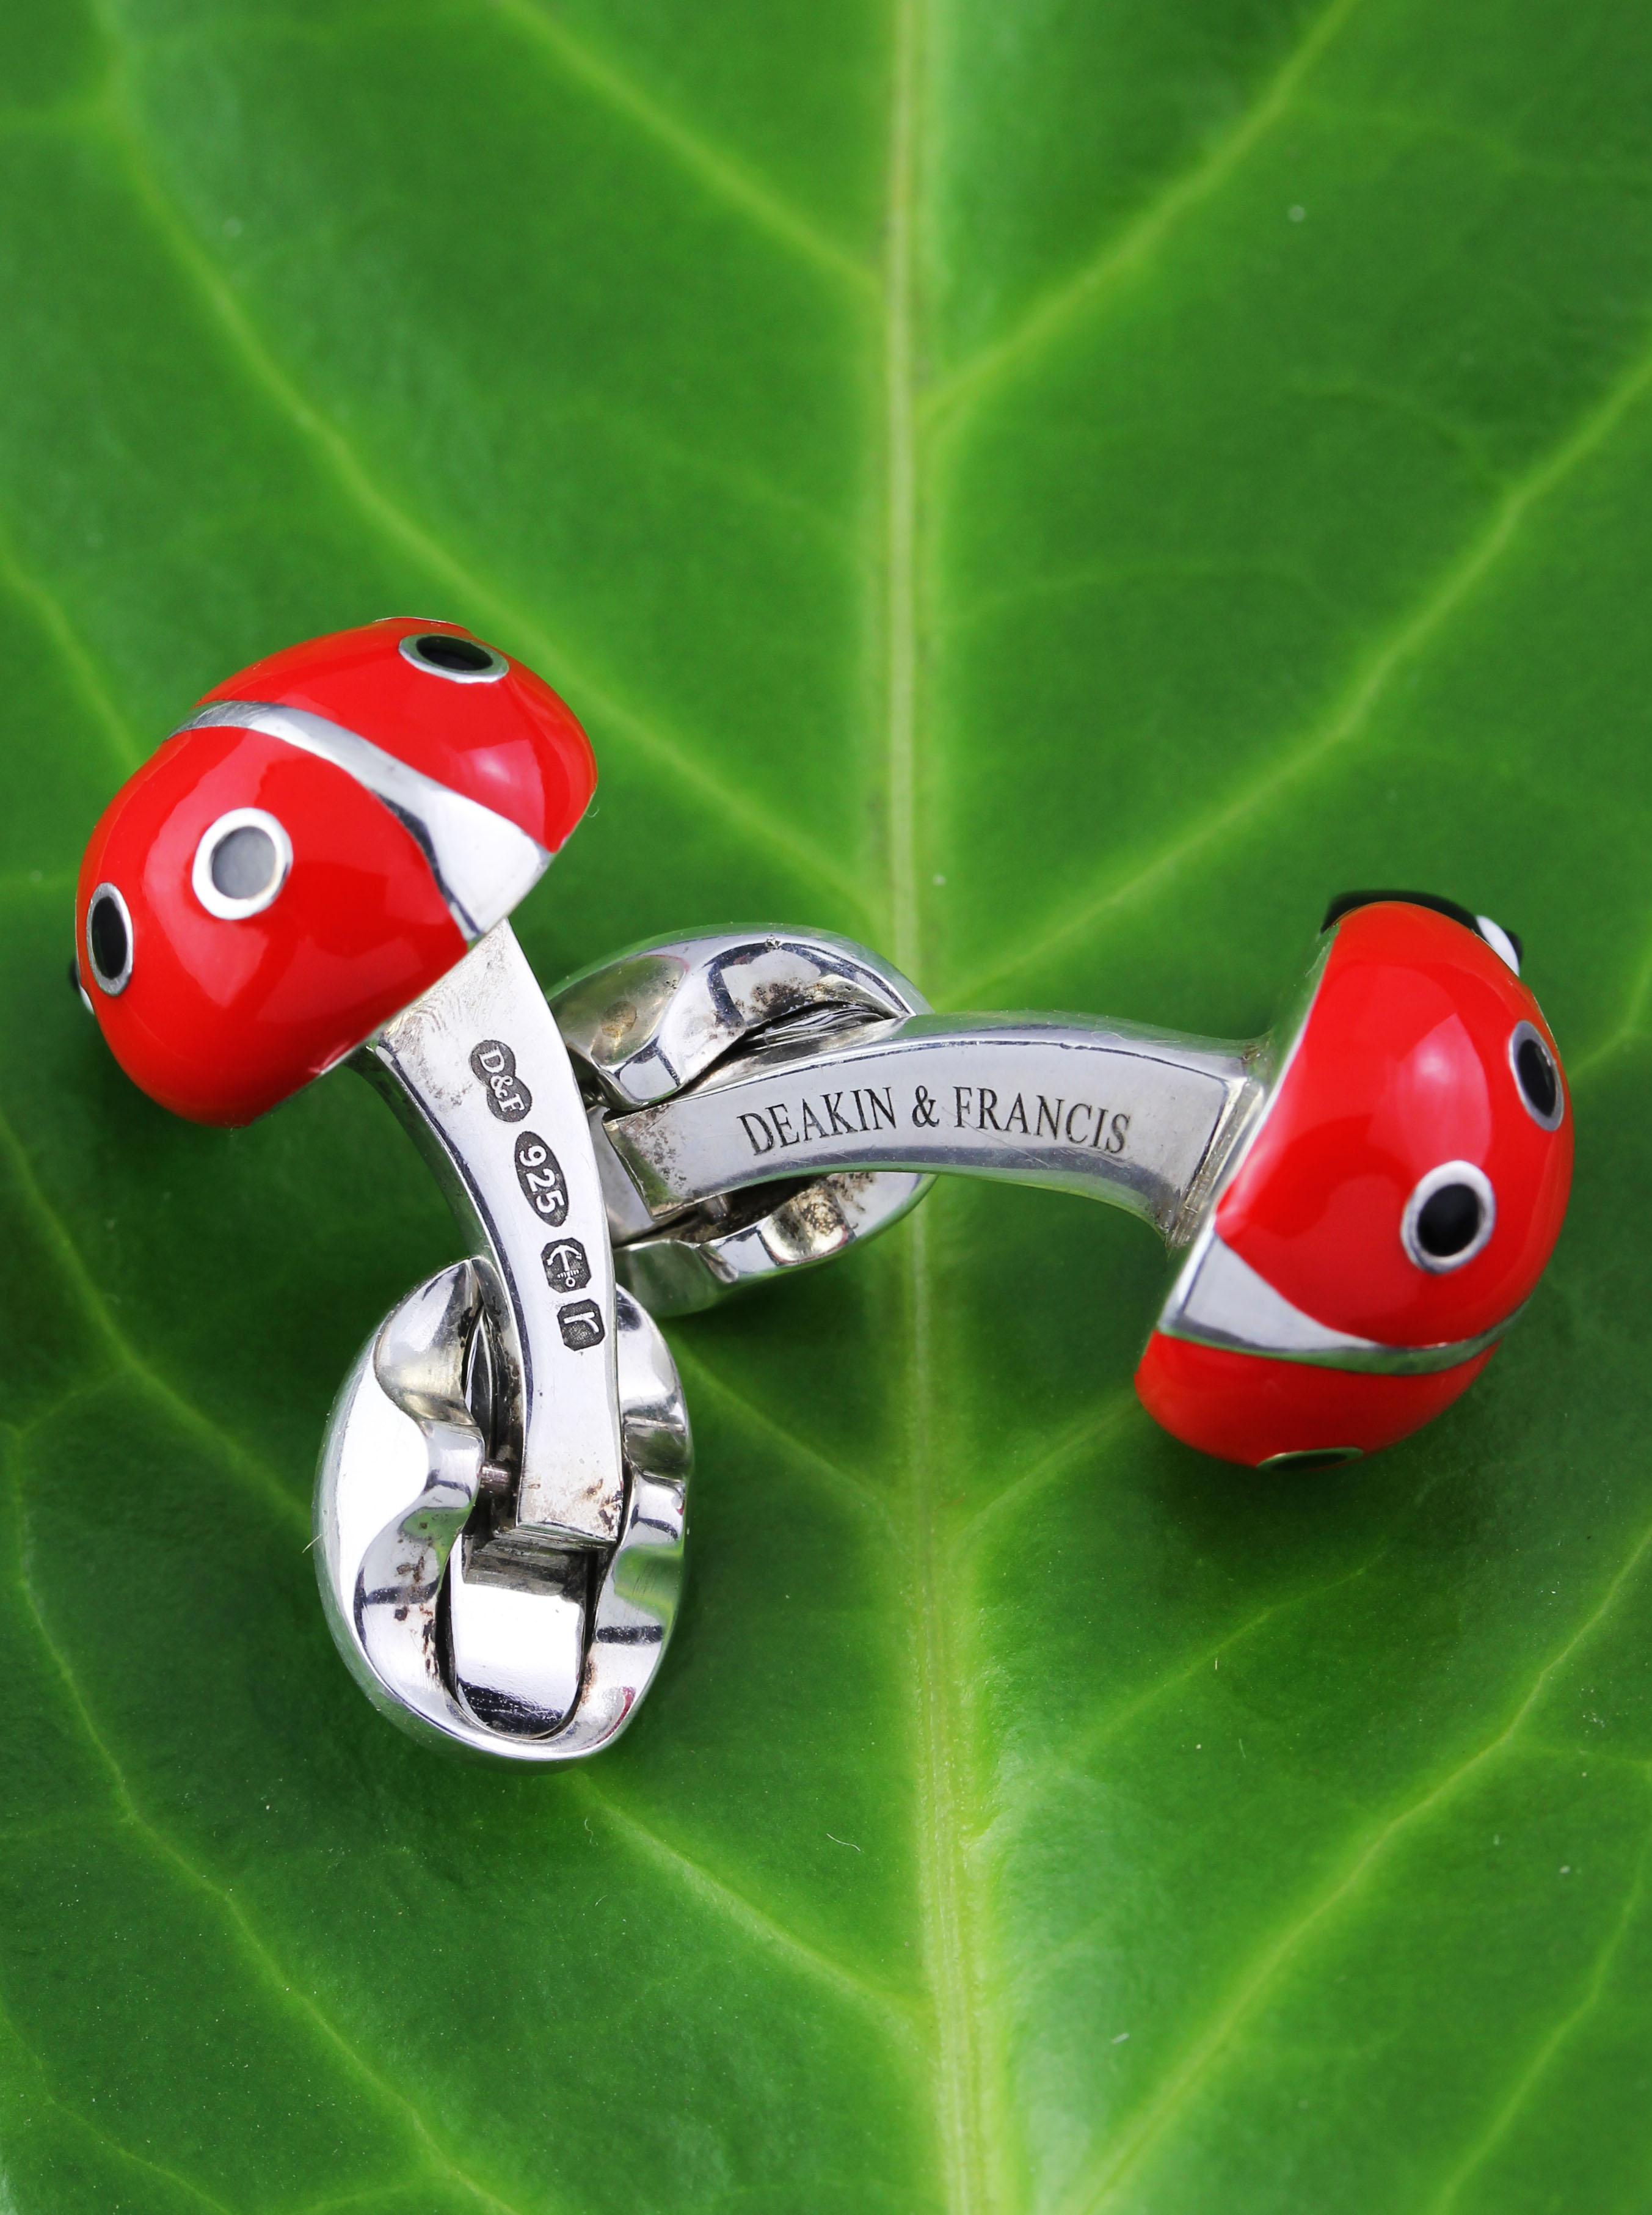 Beetle cufflinks made by DEAKIN & FRANCIS